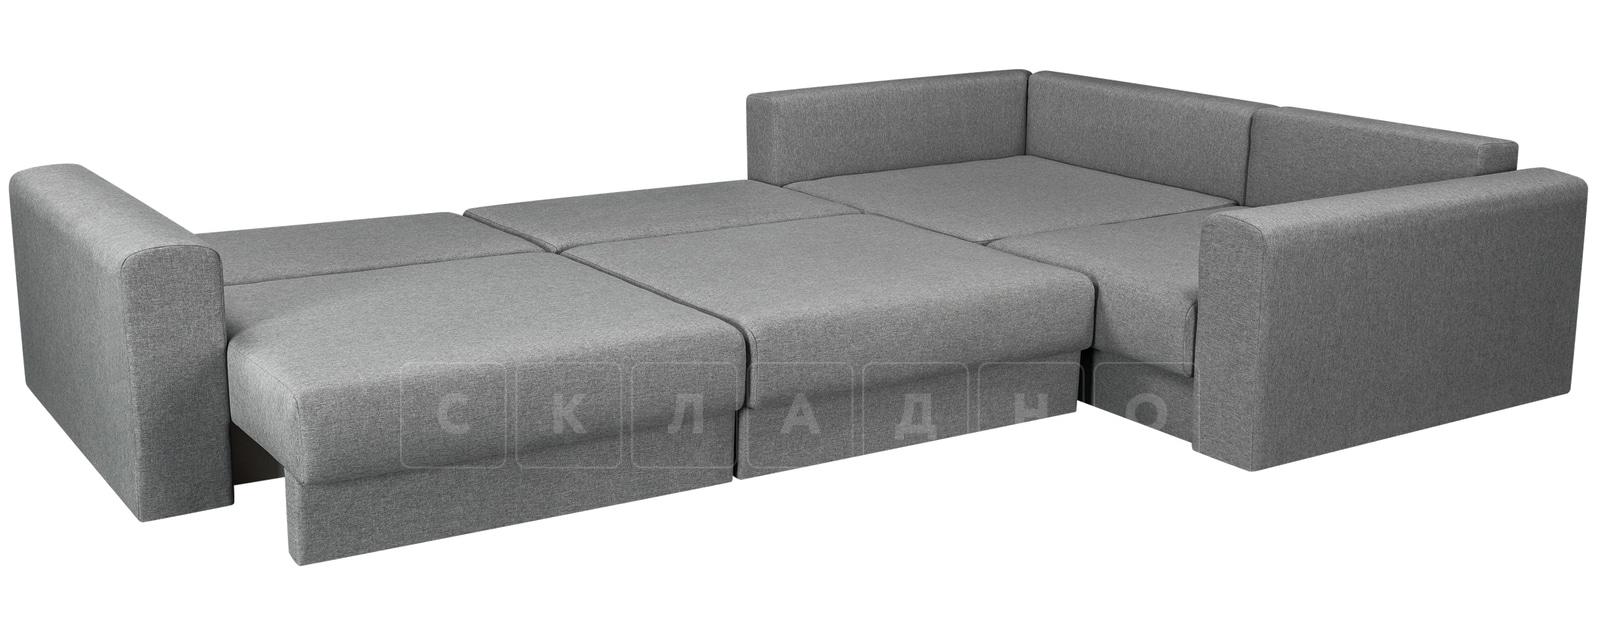 Угловой диван Медисон серый 345х224 см фото 4 | интернет-магазин Складно